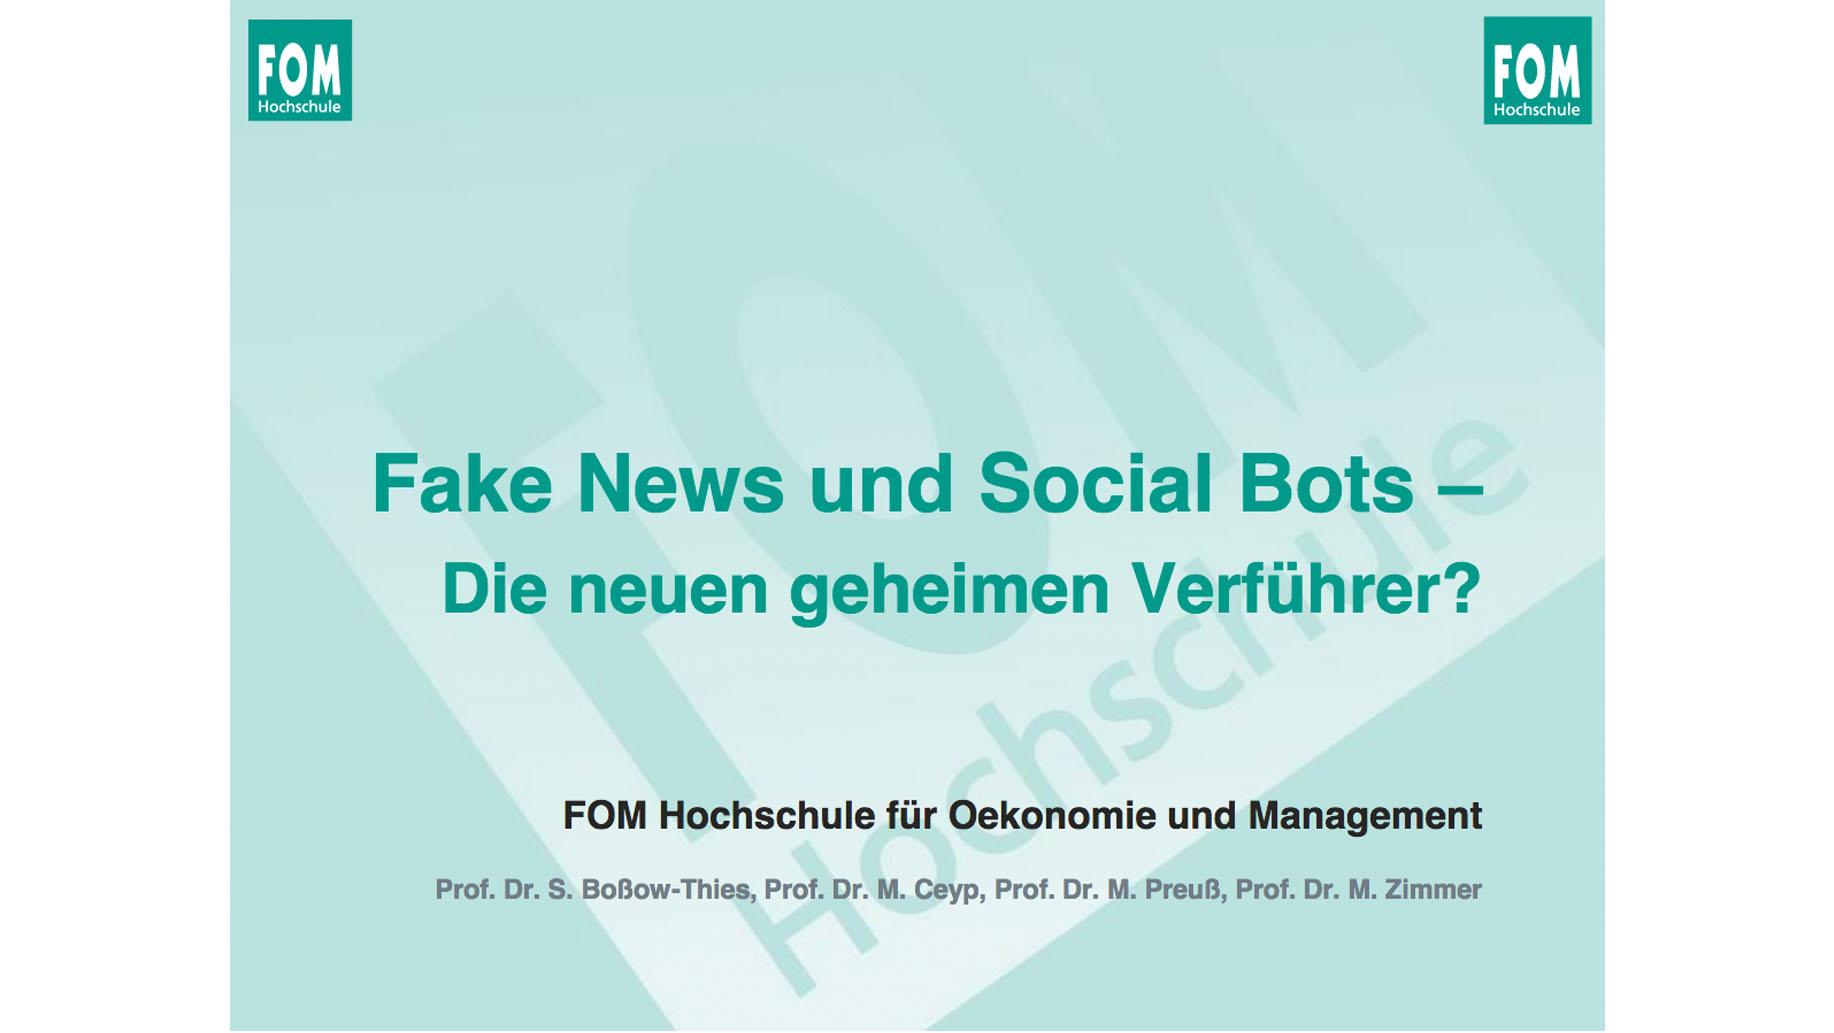 fake-news-social-bots-verführer-1